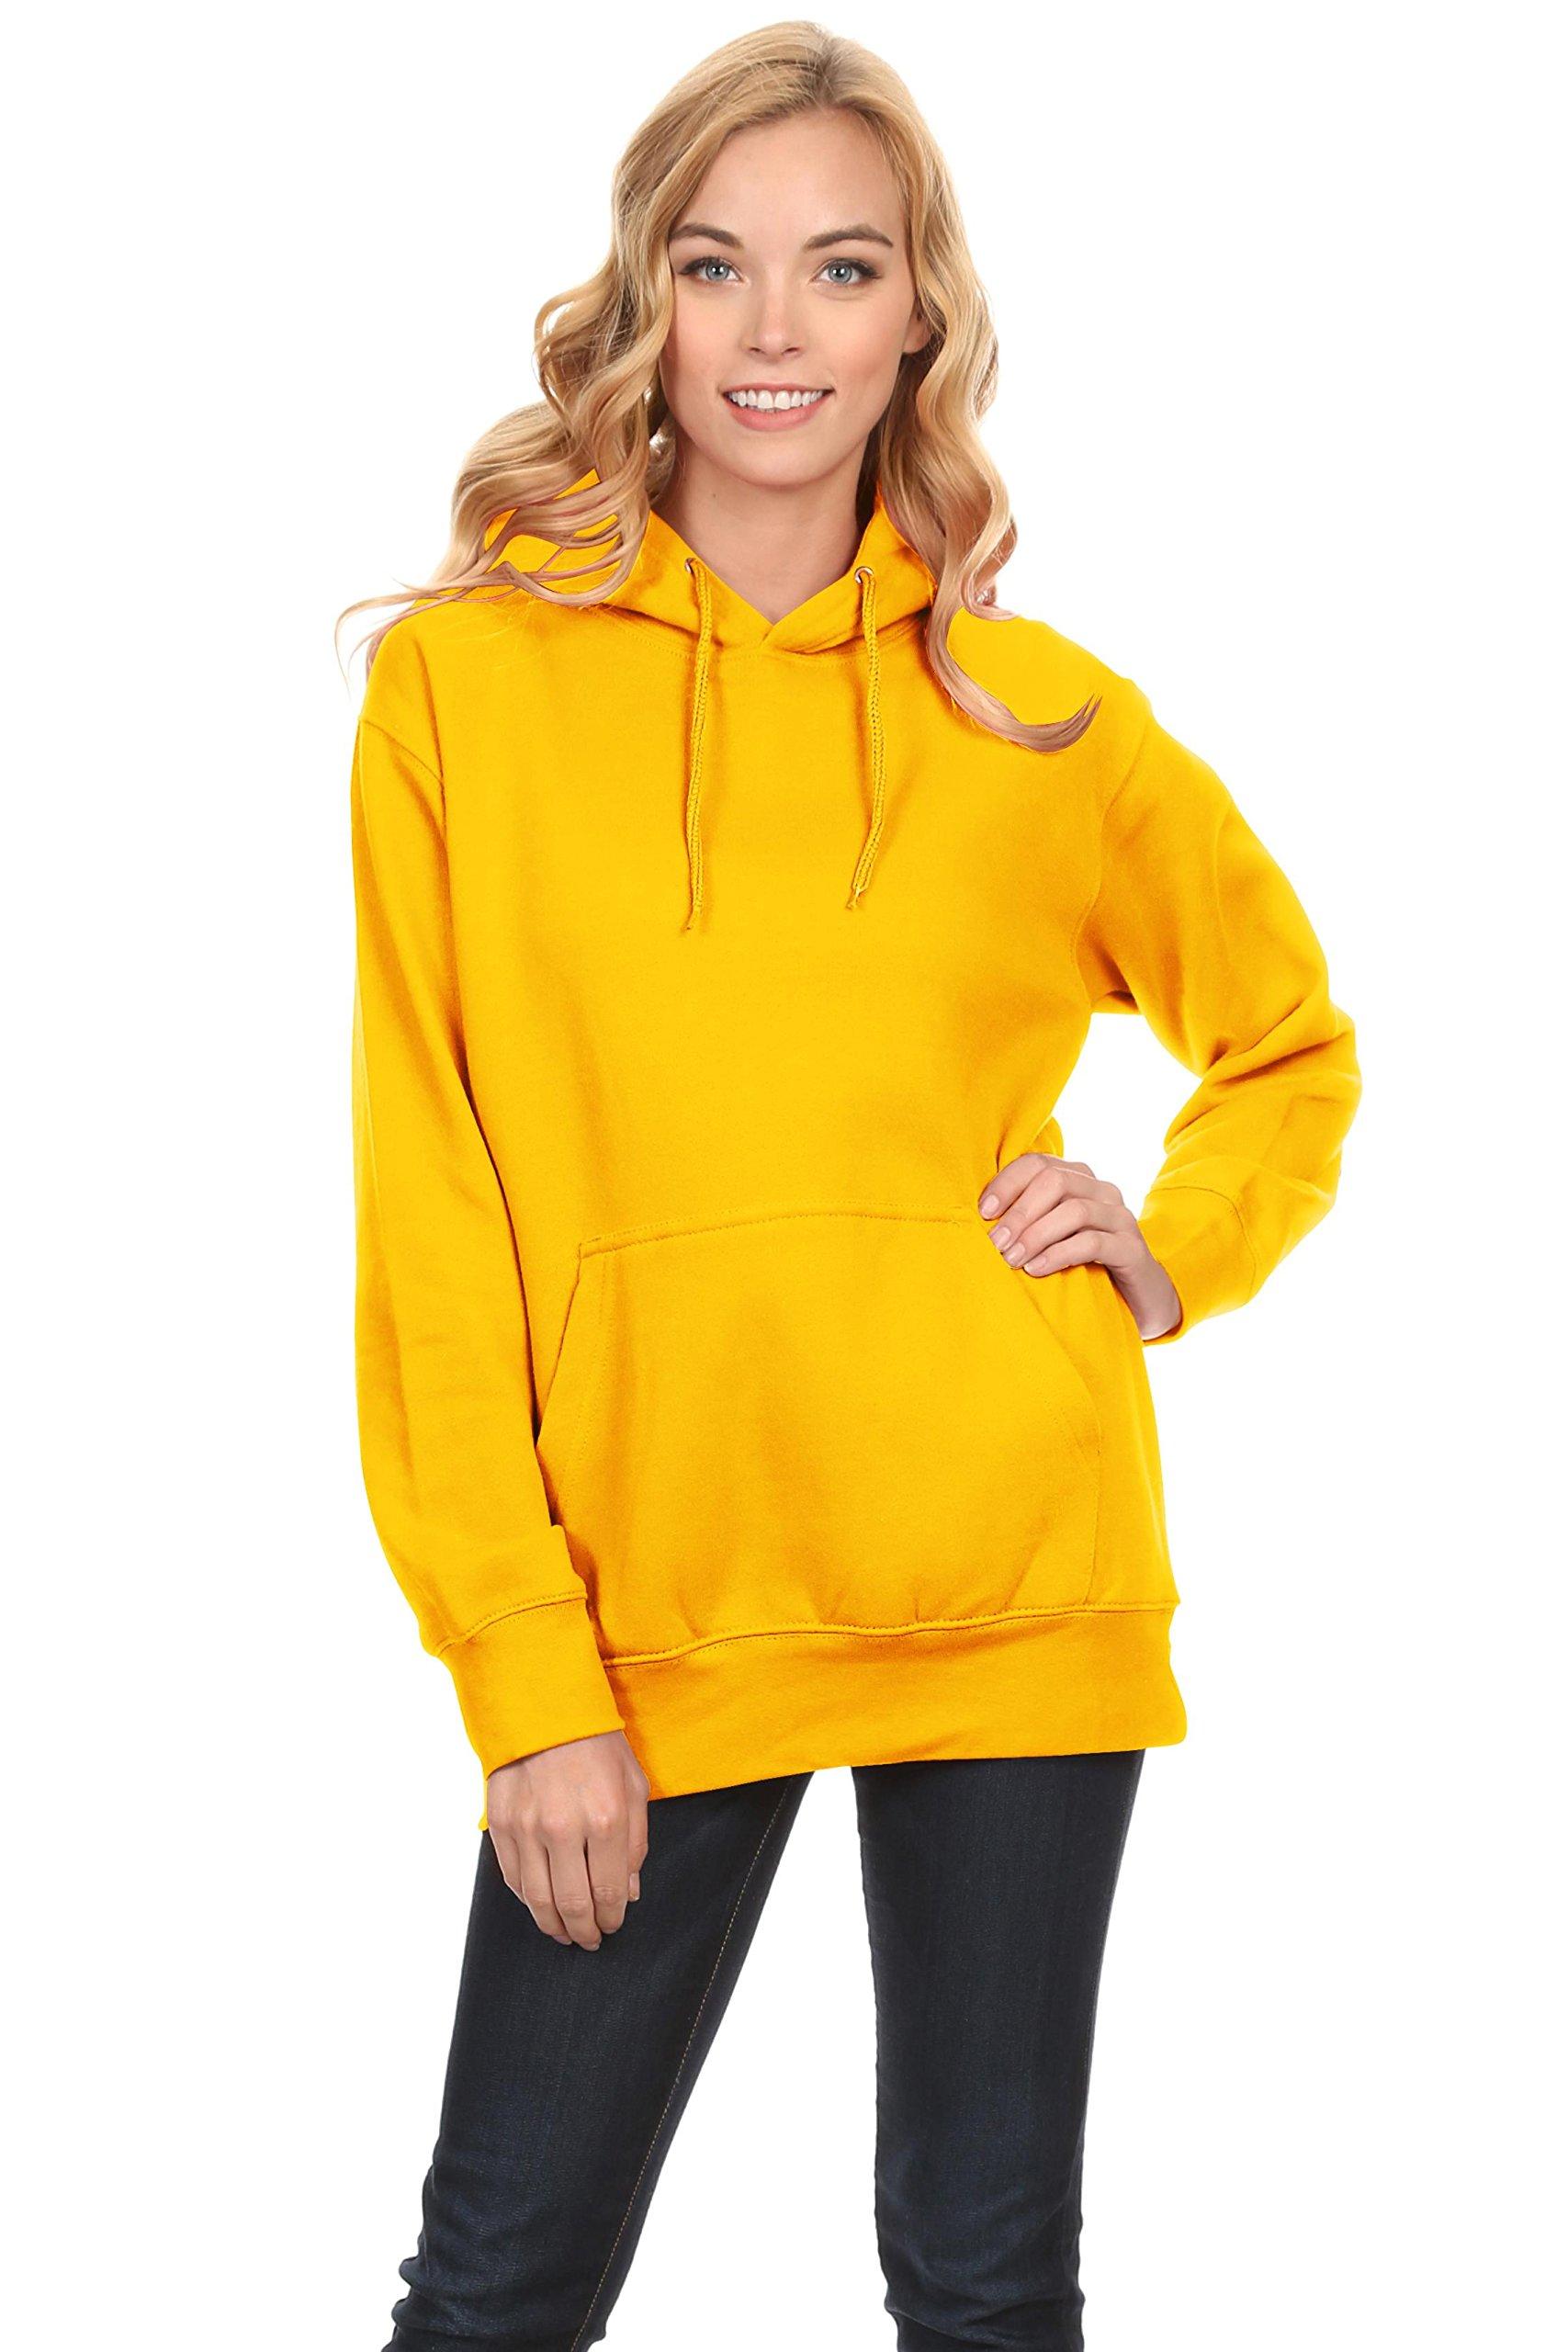 Simlu Fleece Pullover Hoodies Oversized Sweater Reg and Plus Size Sweatshirts, Yellow, Large